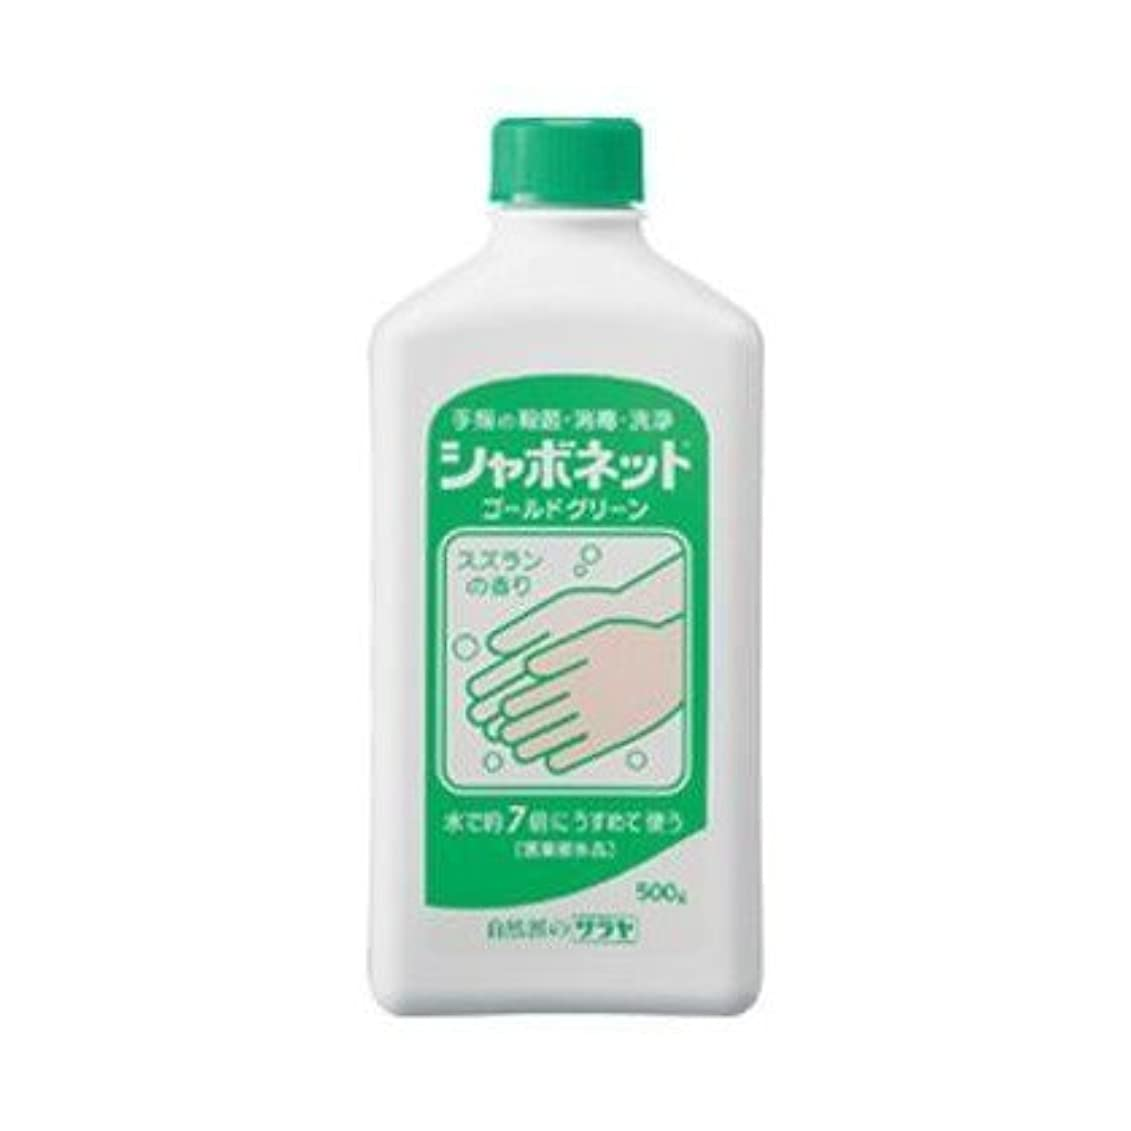 取り消す汚染された同志サラヤ シャボネットゴールドグリーン (医薬部外品) 500g×24本 23204